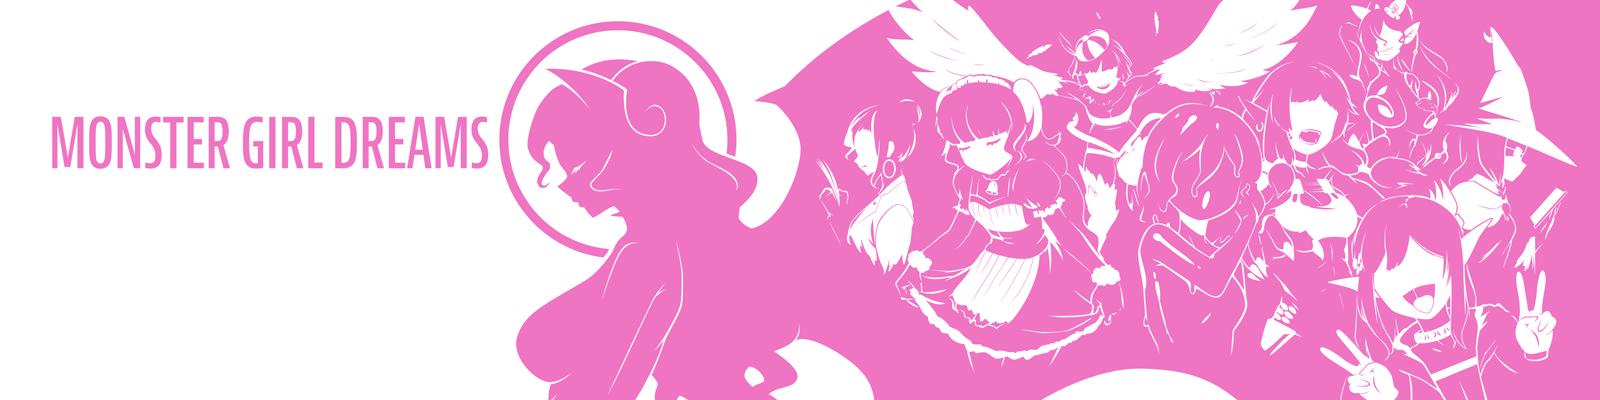 Monster Girl Dreams [Threshold]